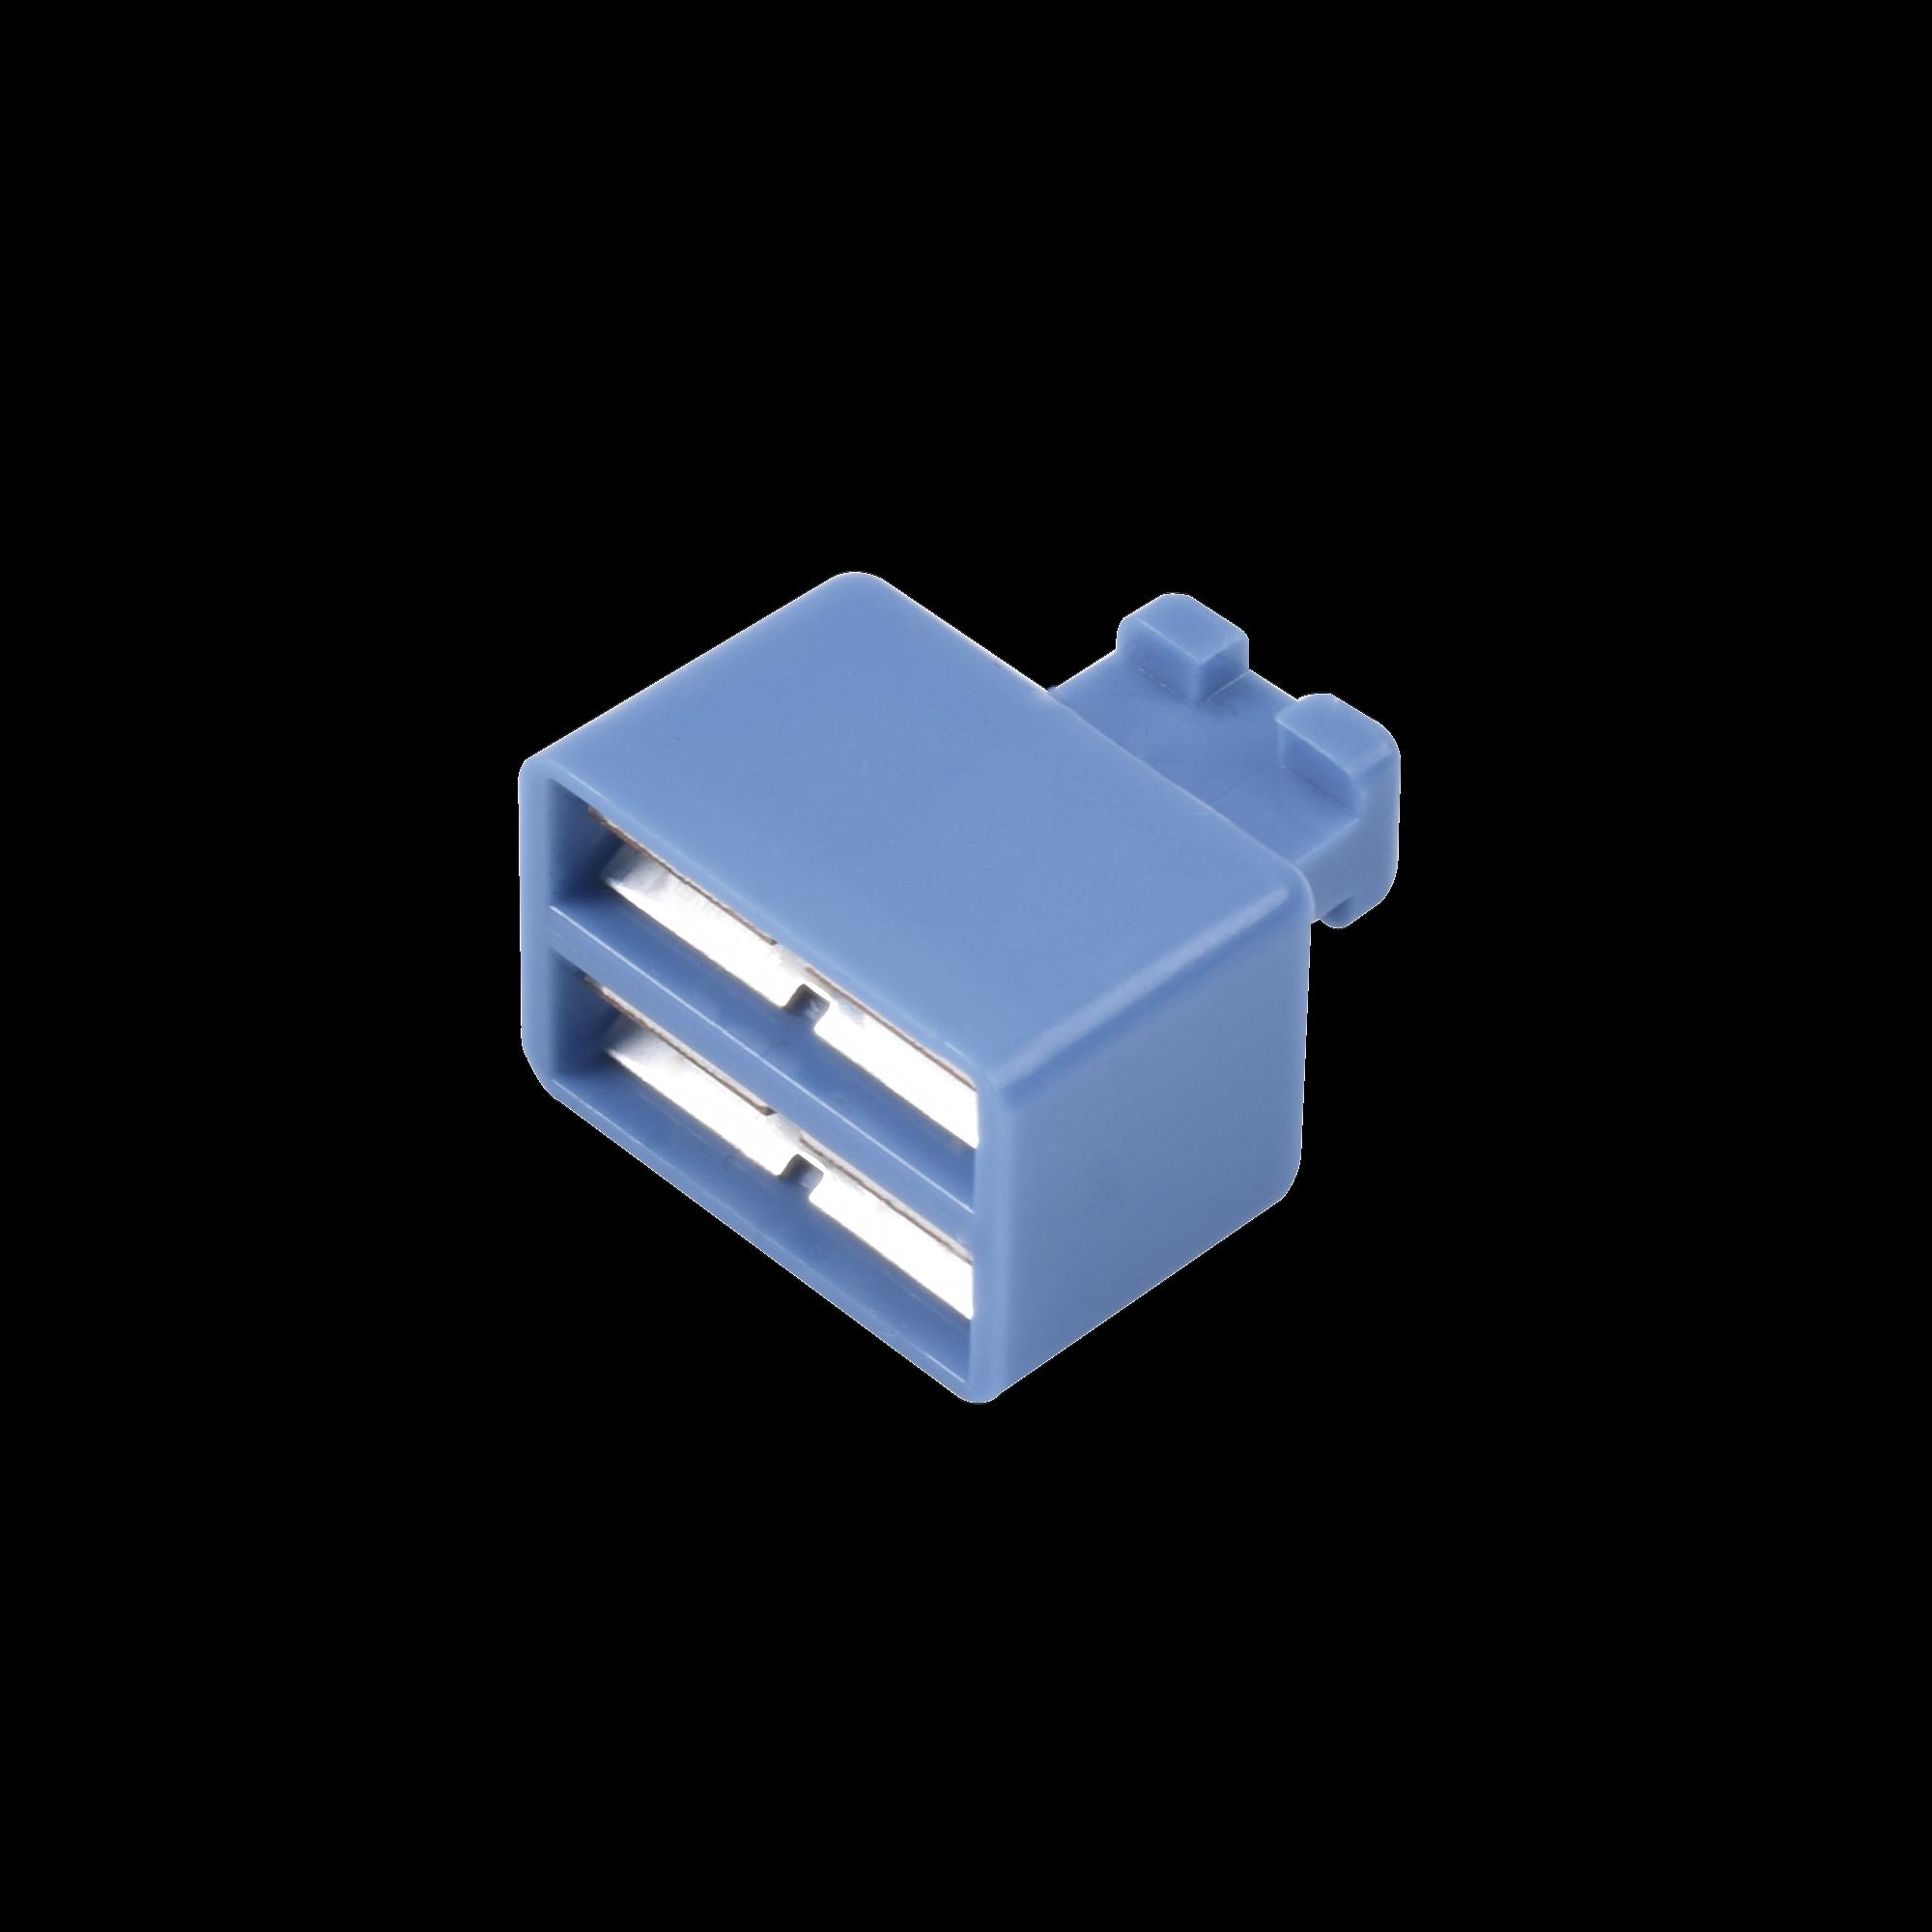 Clip de Puente, Para Uso con Regletas S66 de Siemon, de 1 par, Color Azul